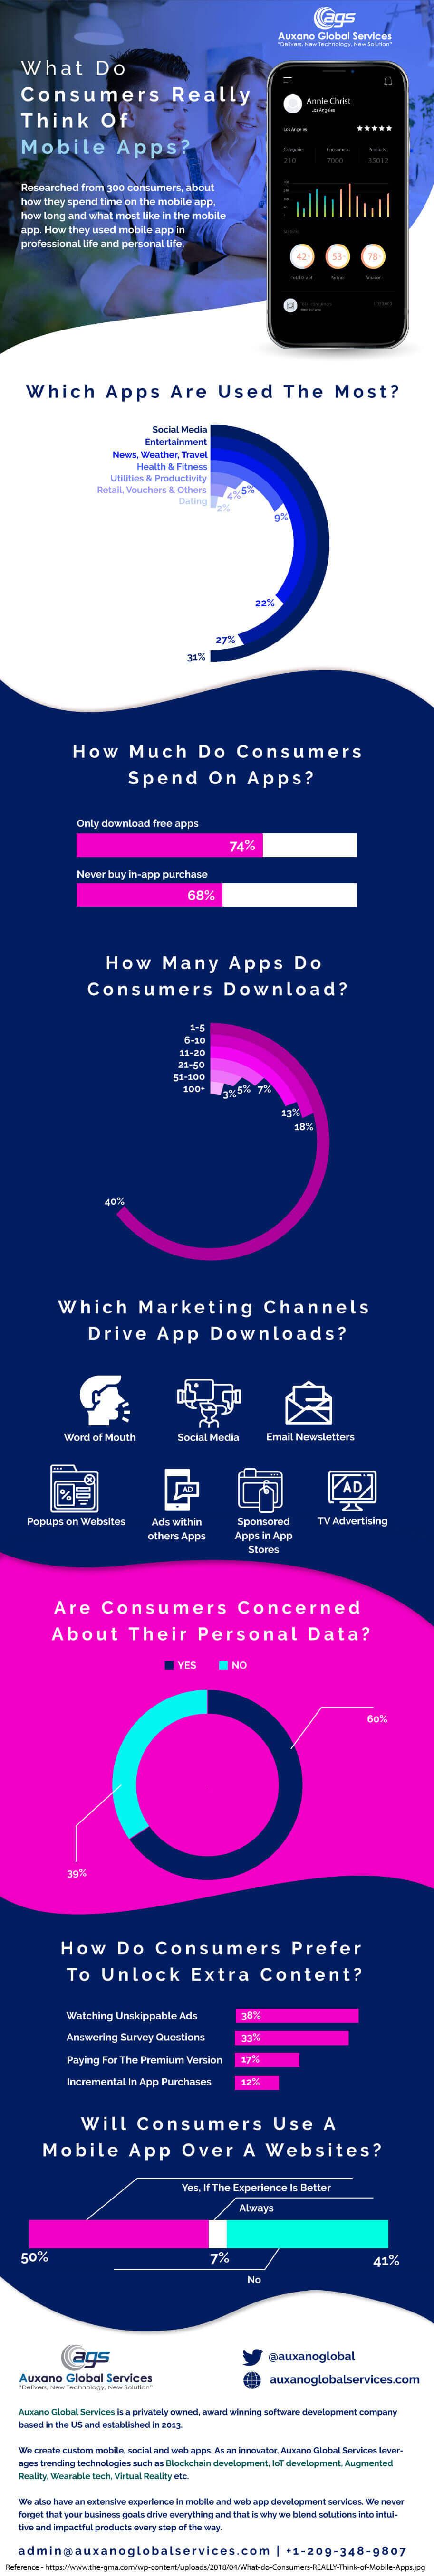 Mobile-App-Consumer-Report